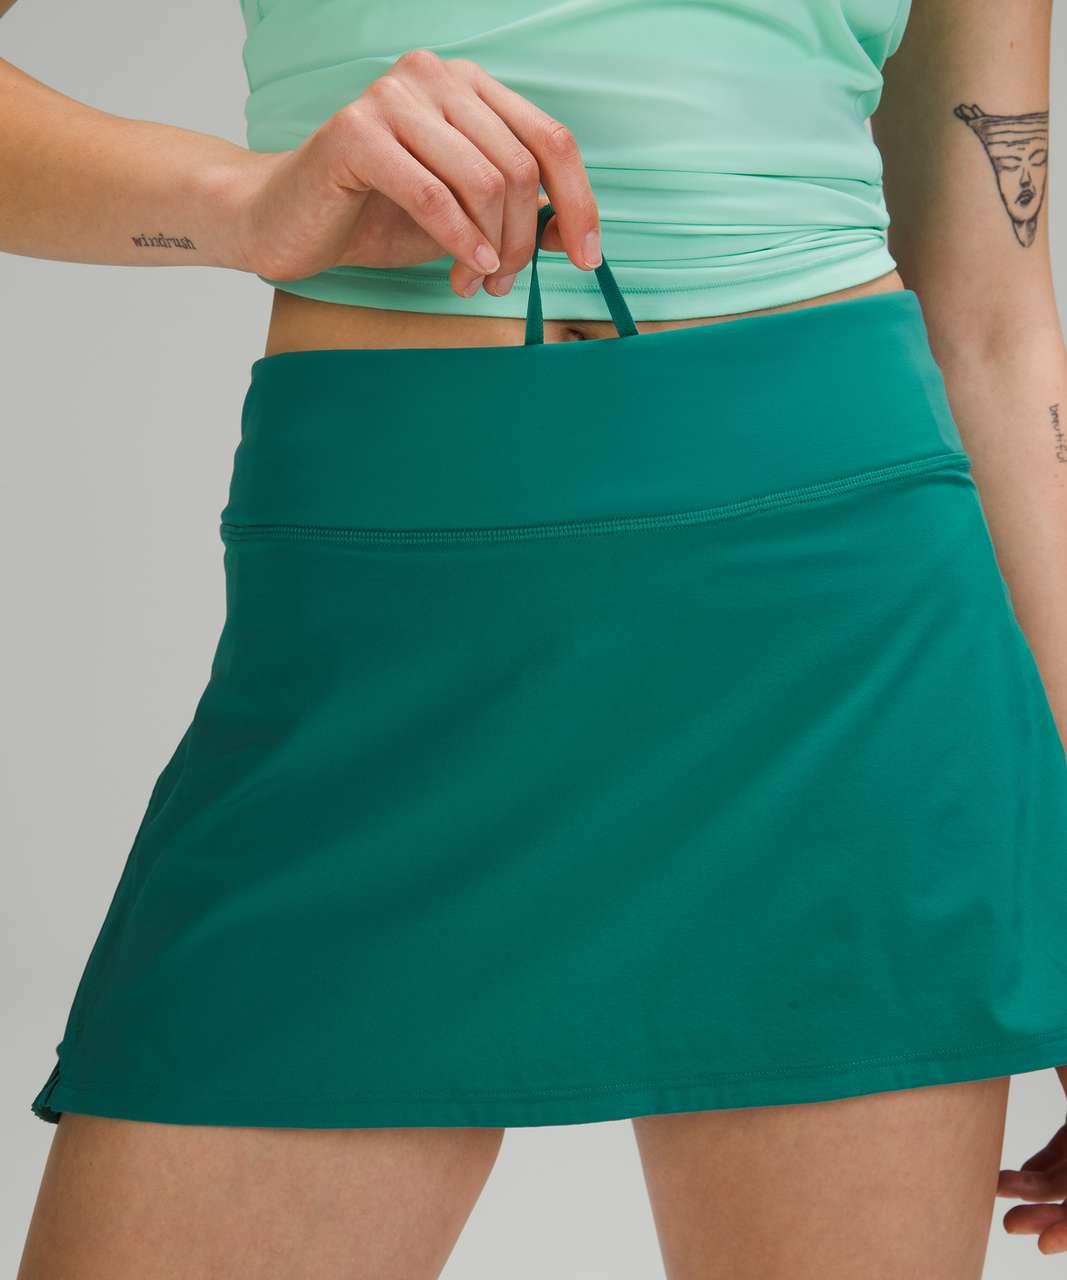 Lululemon Play Off The Pleats Mid Rise Skirt - Teal Lagoon